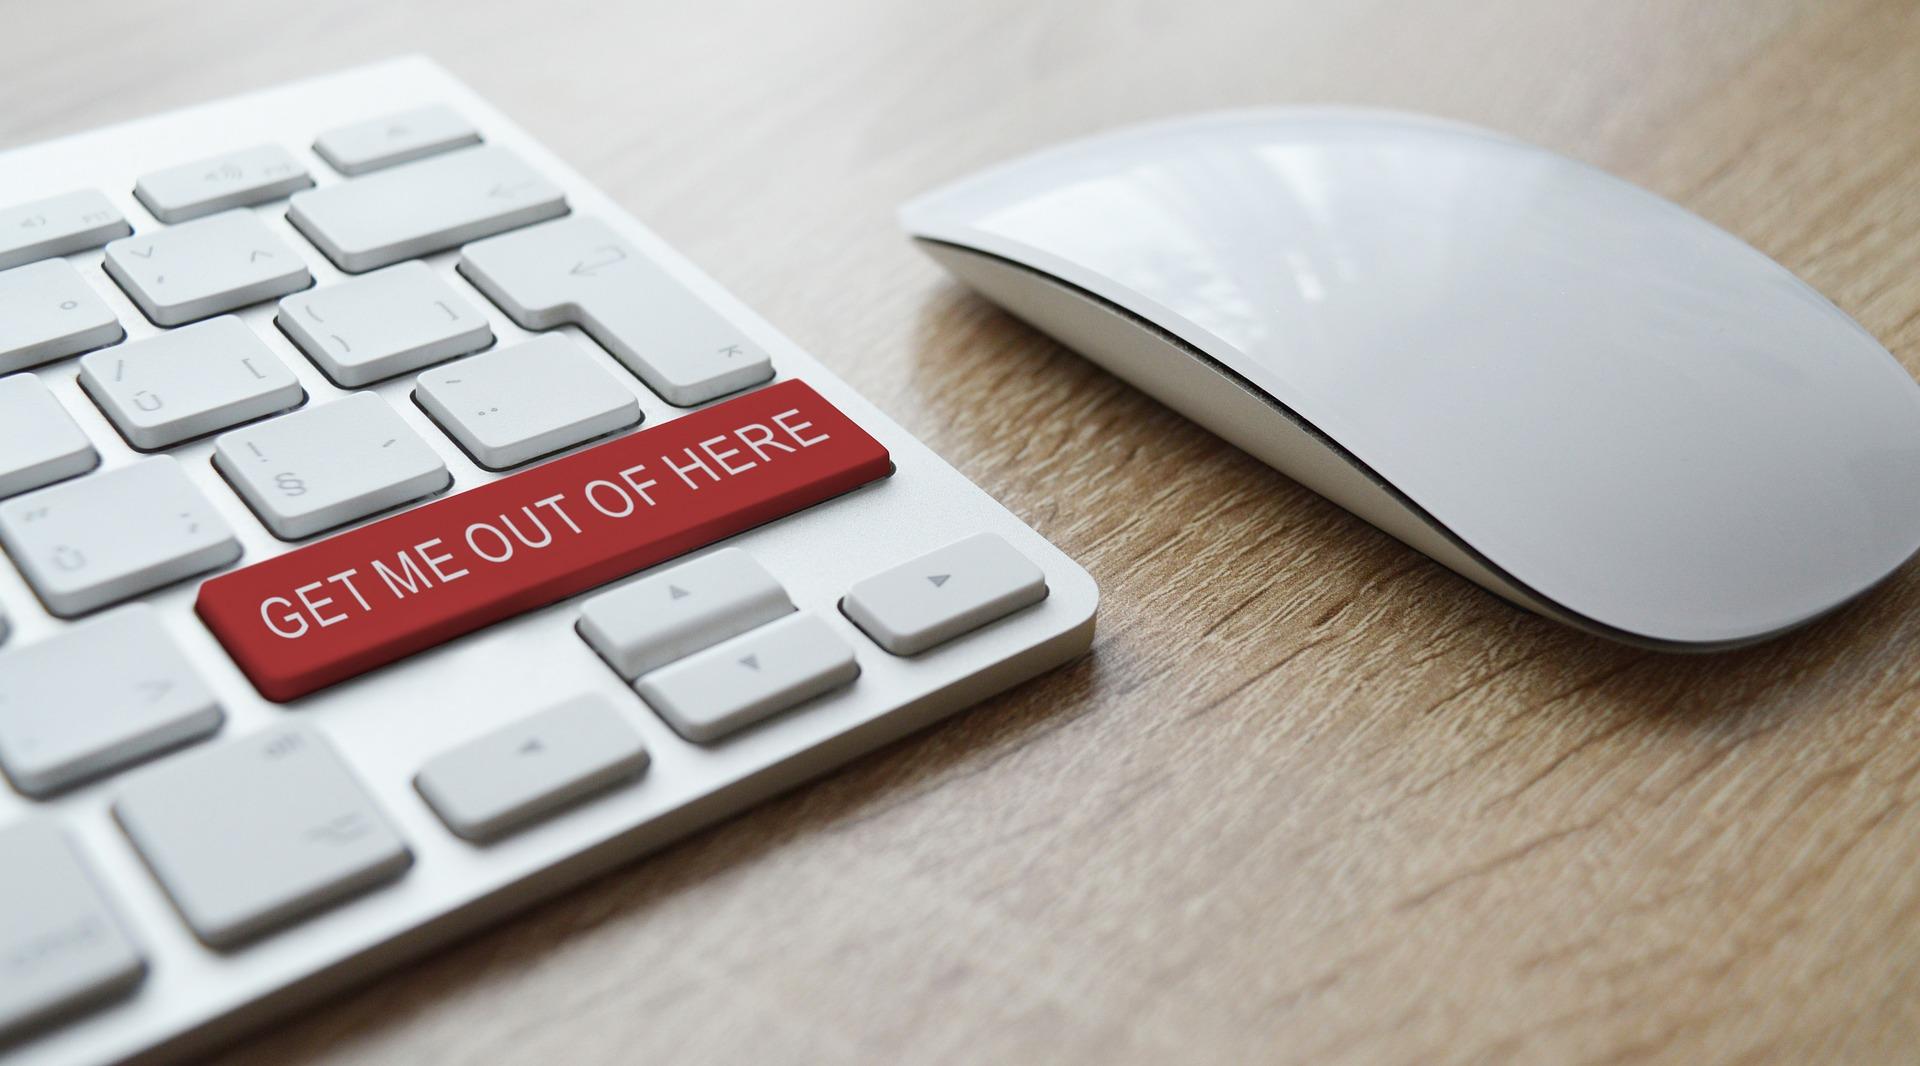 В ekonomika+ прокомментировали увольнение журналистов их «нежеланием меняться и экспериментировать»